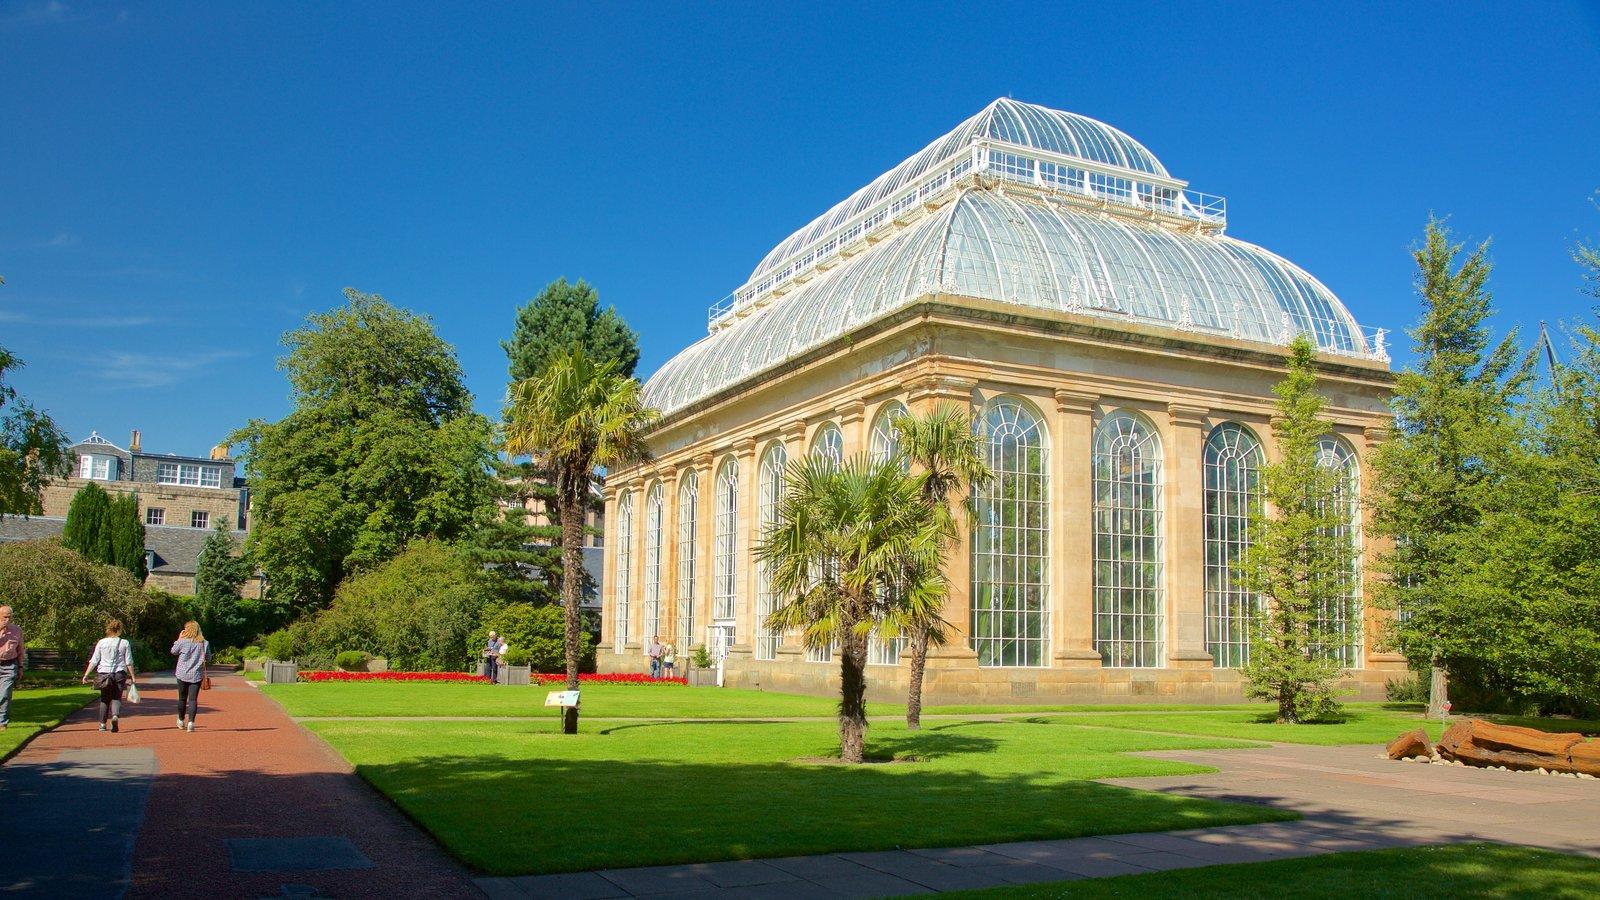 Royal Botanic Garden mostrando um parque e elementos de patrimônio